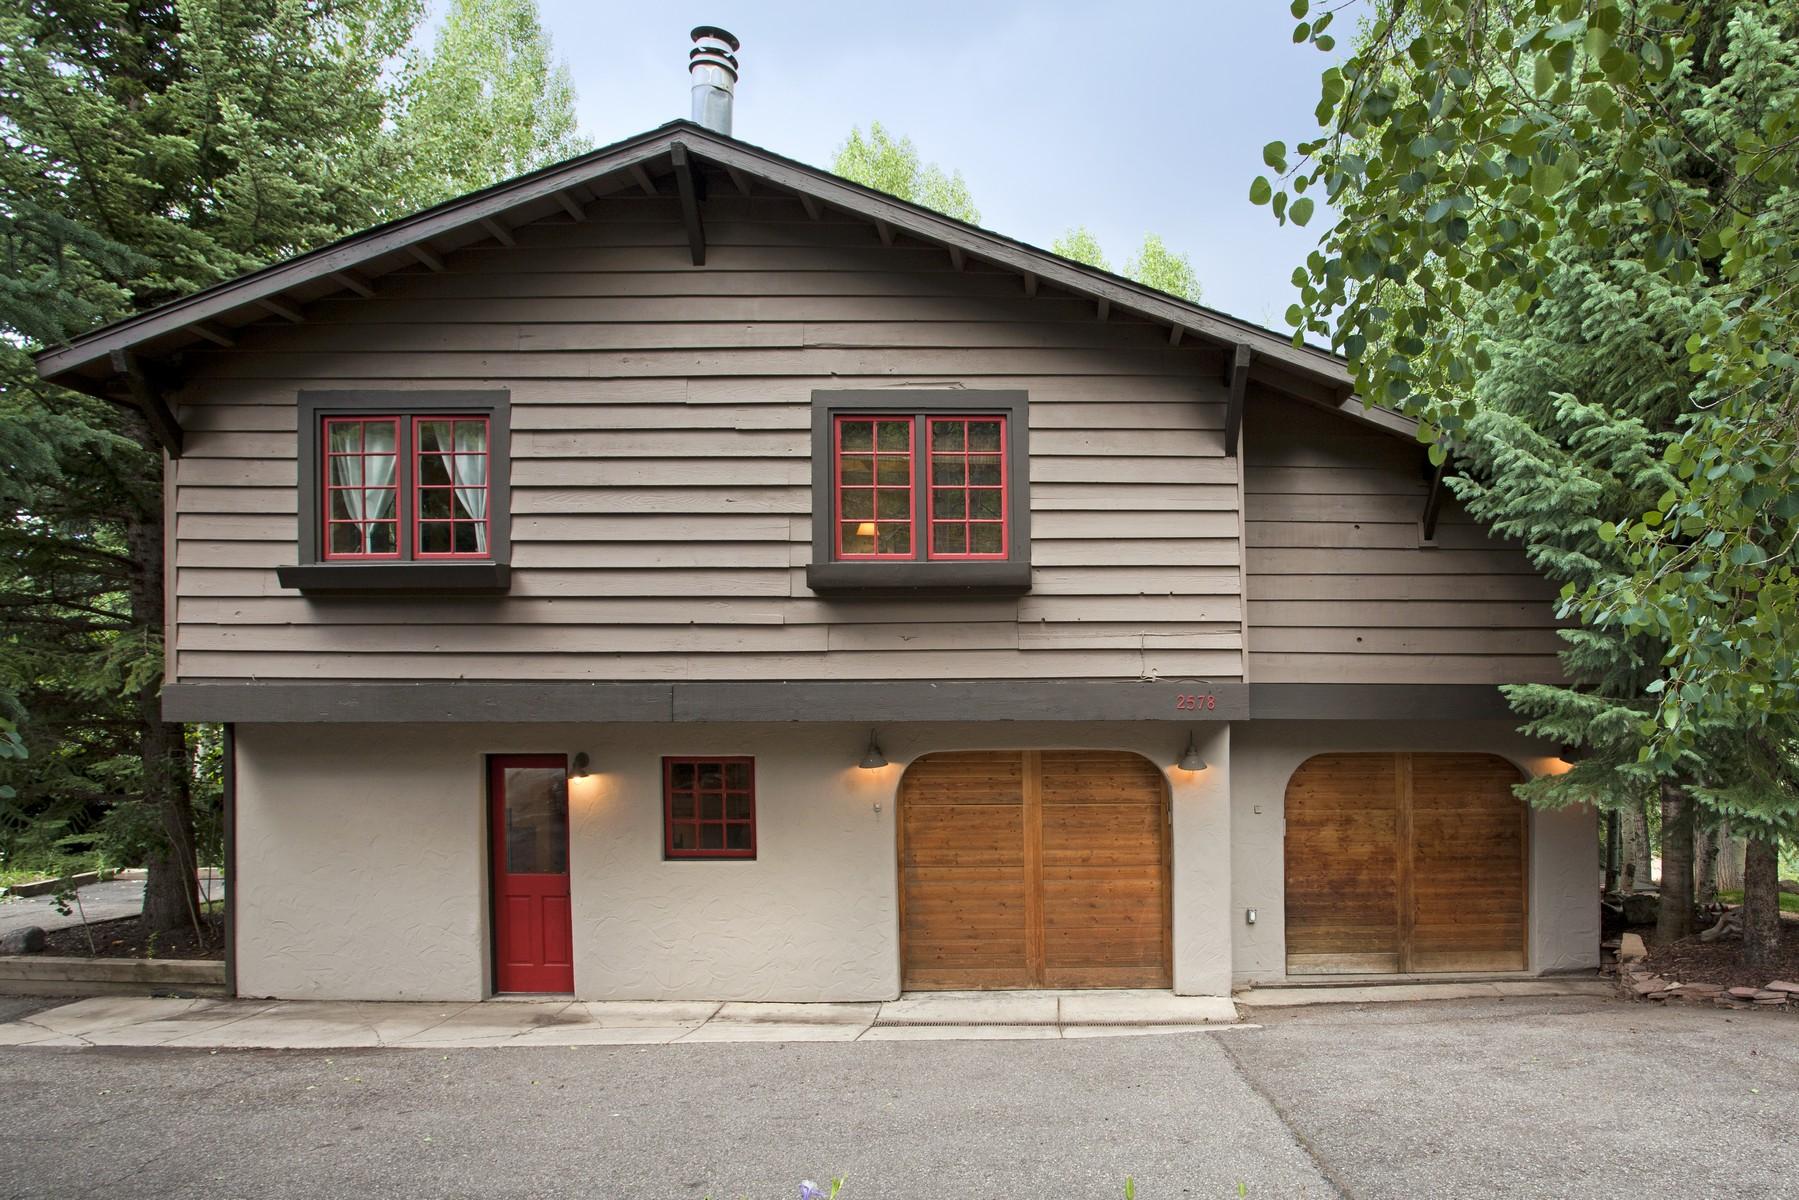 一戸建て のために 売買 アット European Chalet Worth Seeing 2578 Arosa Dr. Vail, コロラド, 81657 アメリカ合衆国